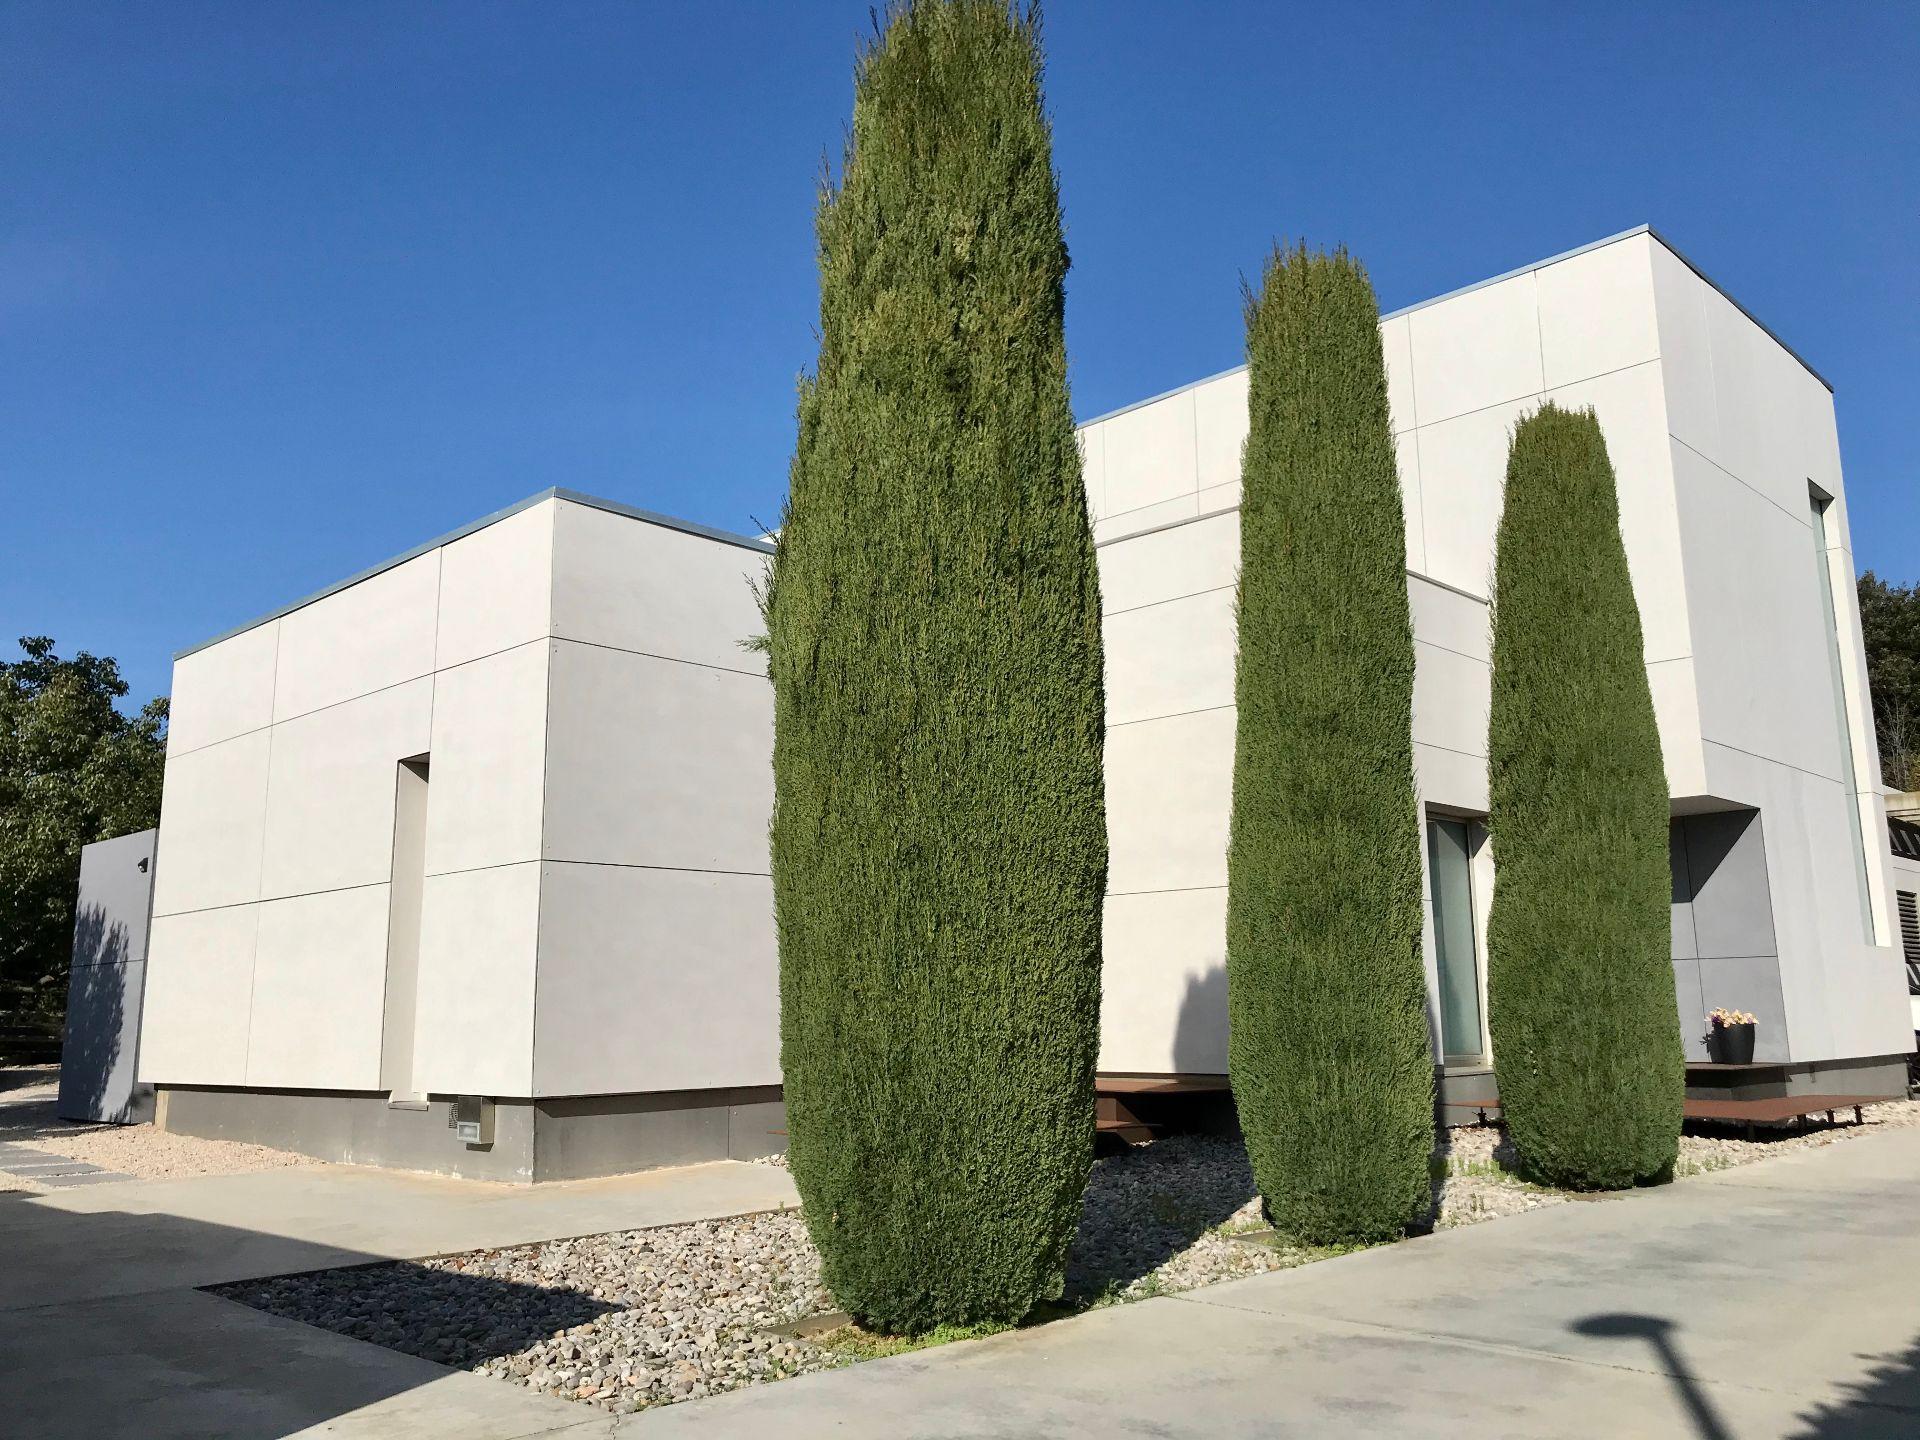 Meuble Salle De Bain Girona vente villa à girona, mas pau piscine